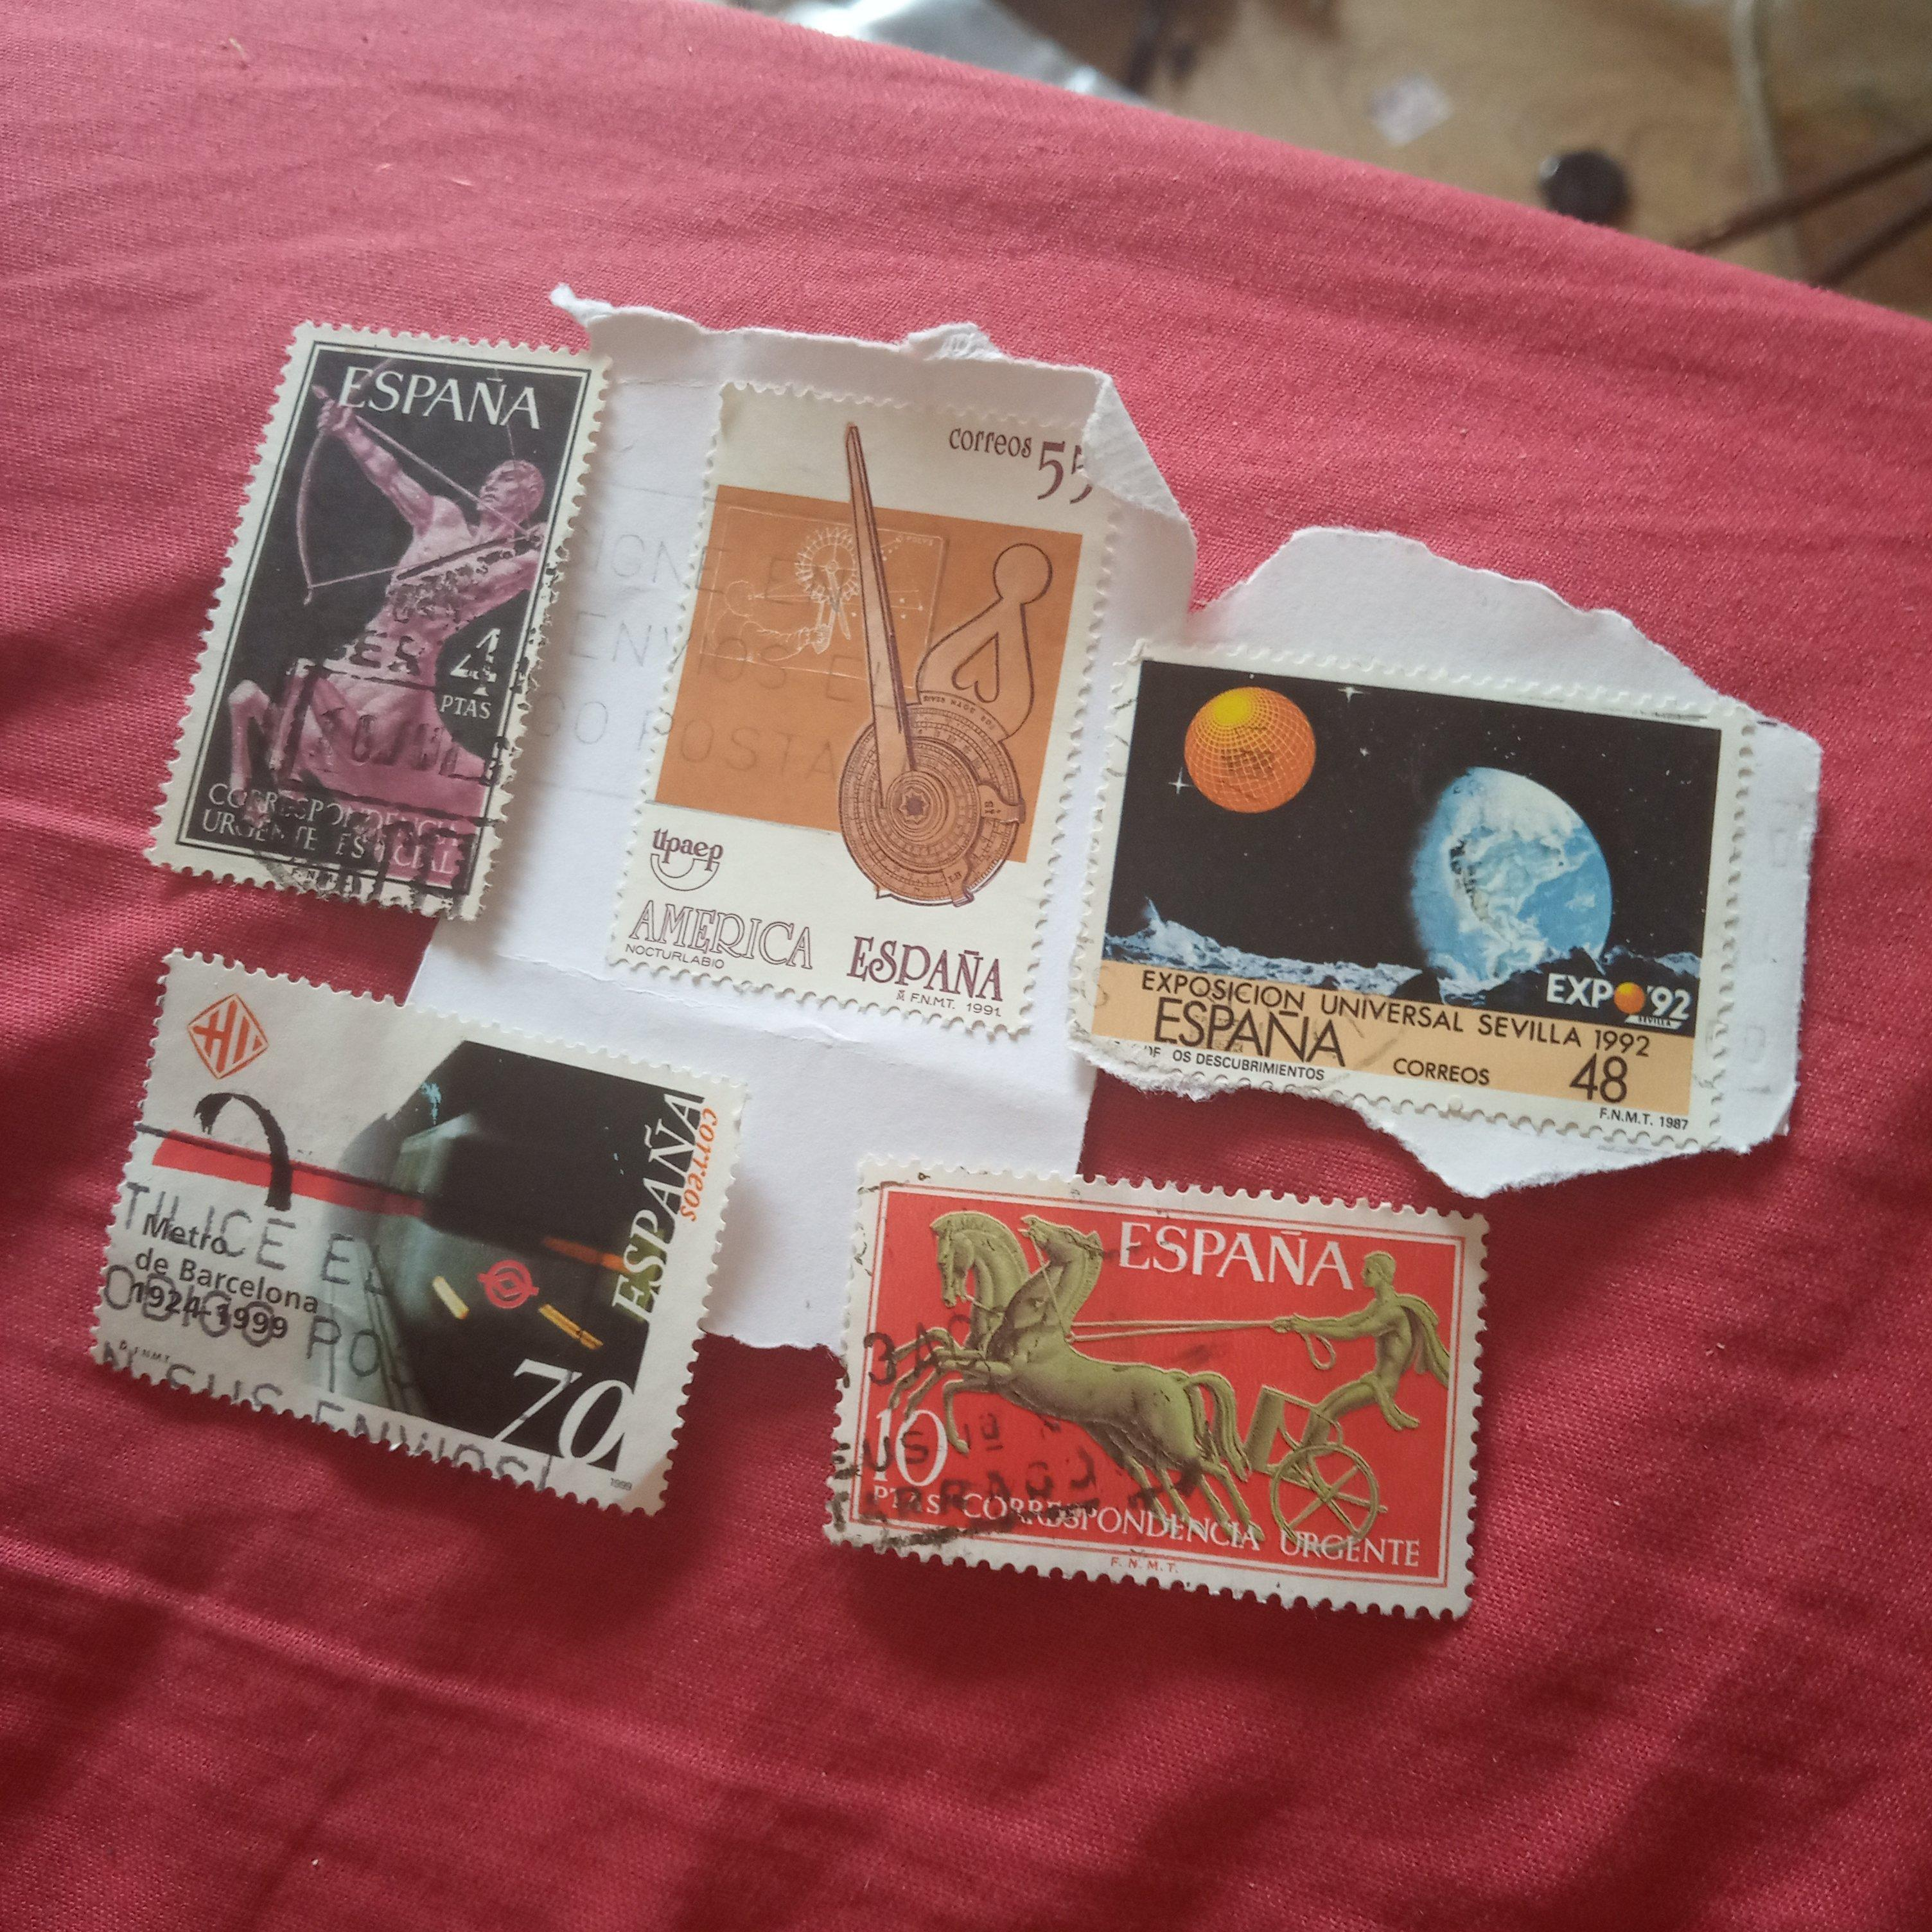 troc de troc réservé lot timbre espagne image 0